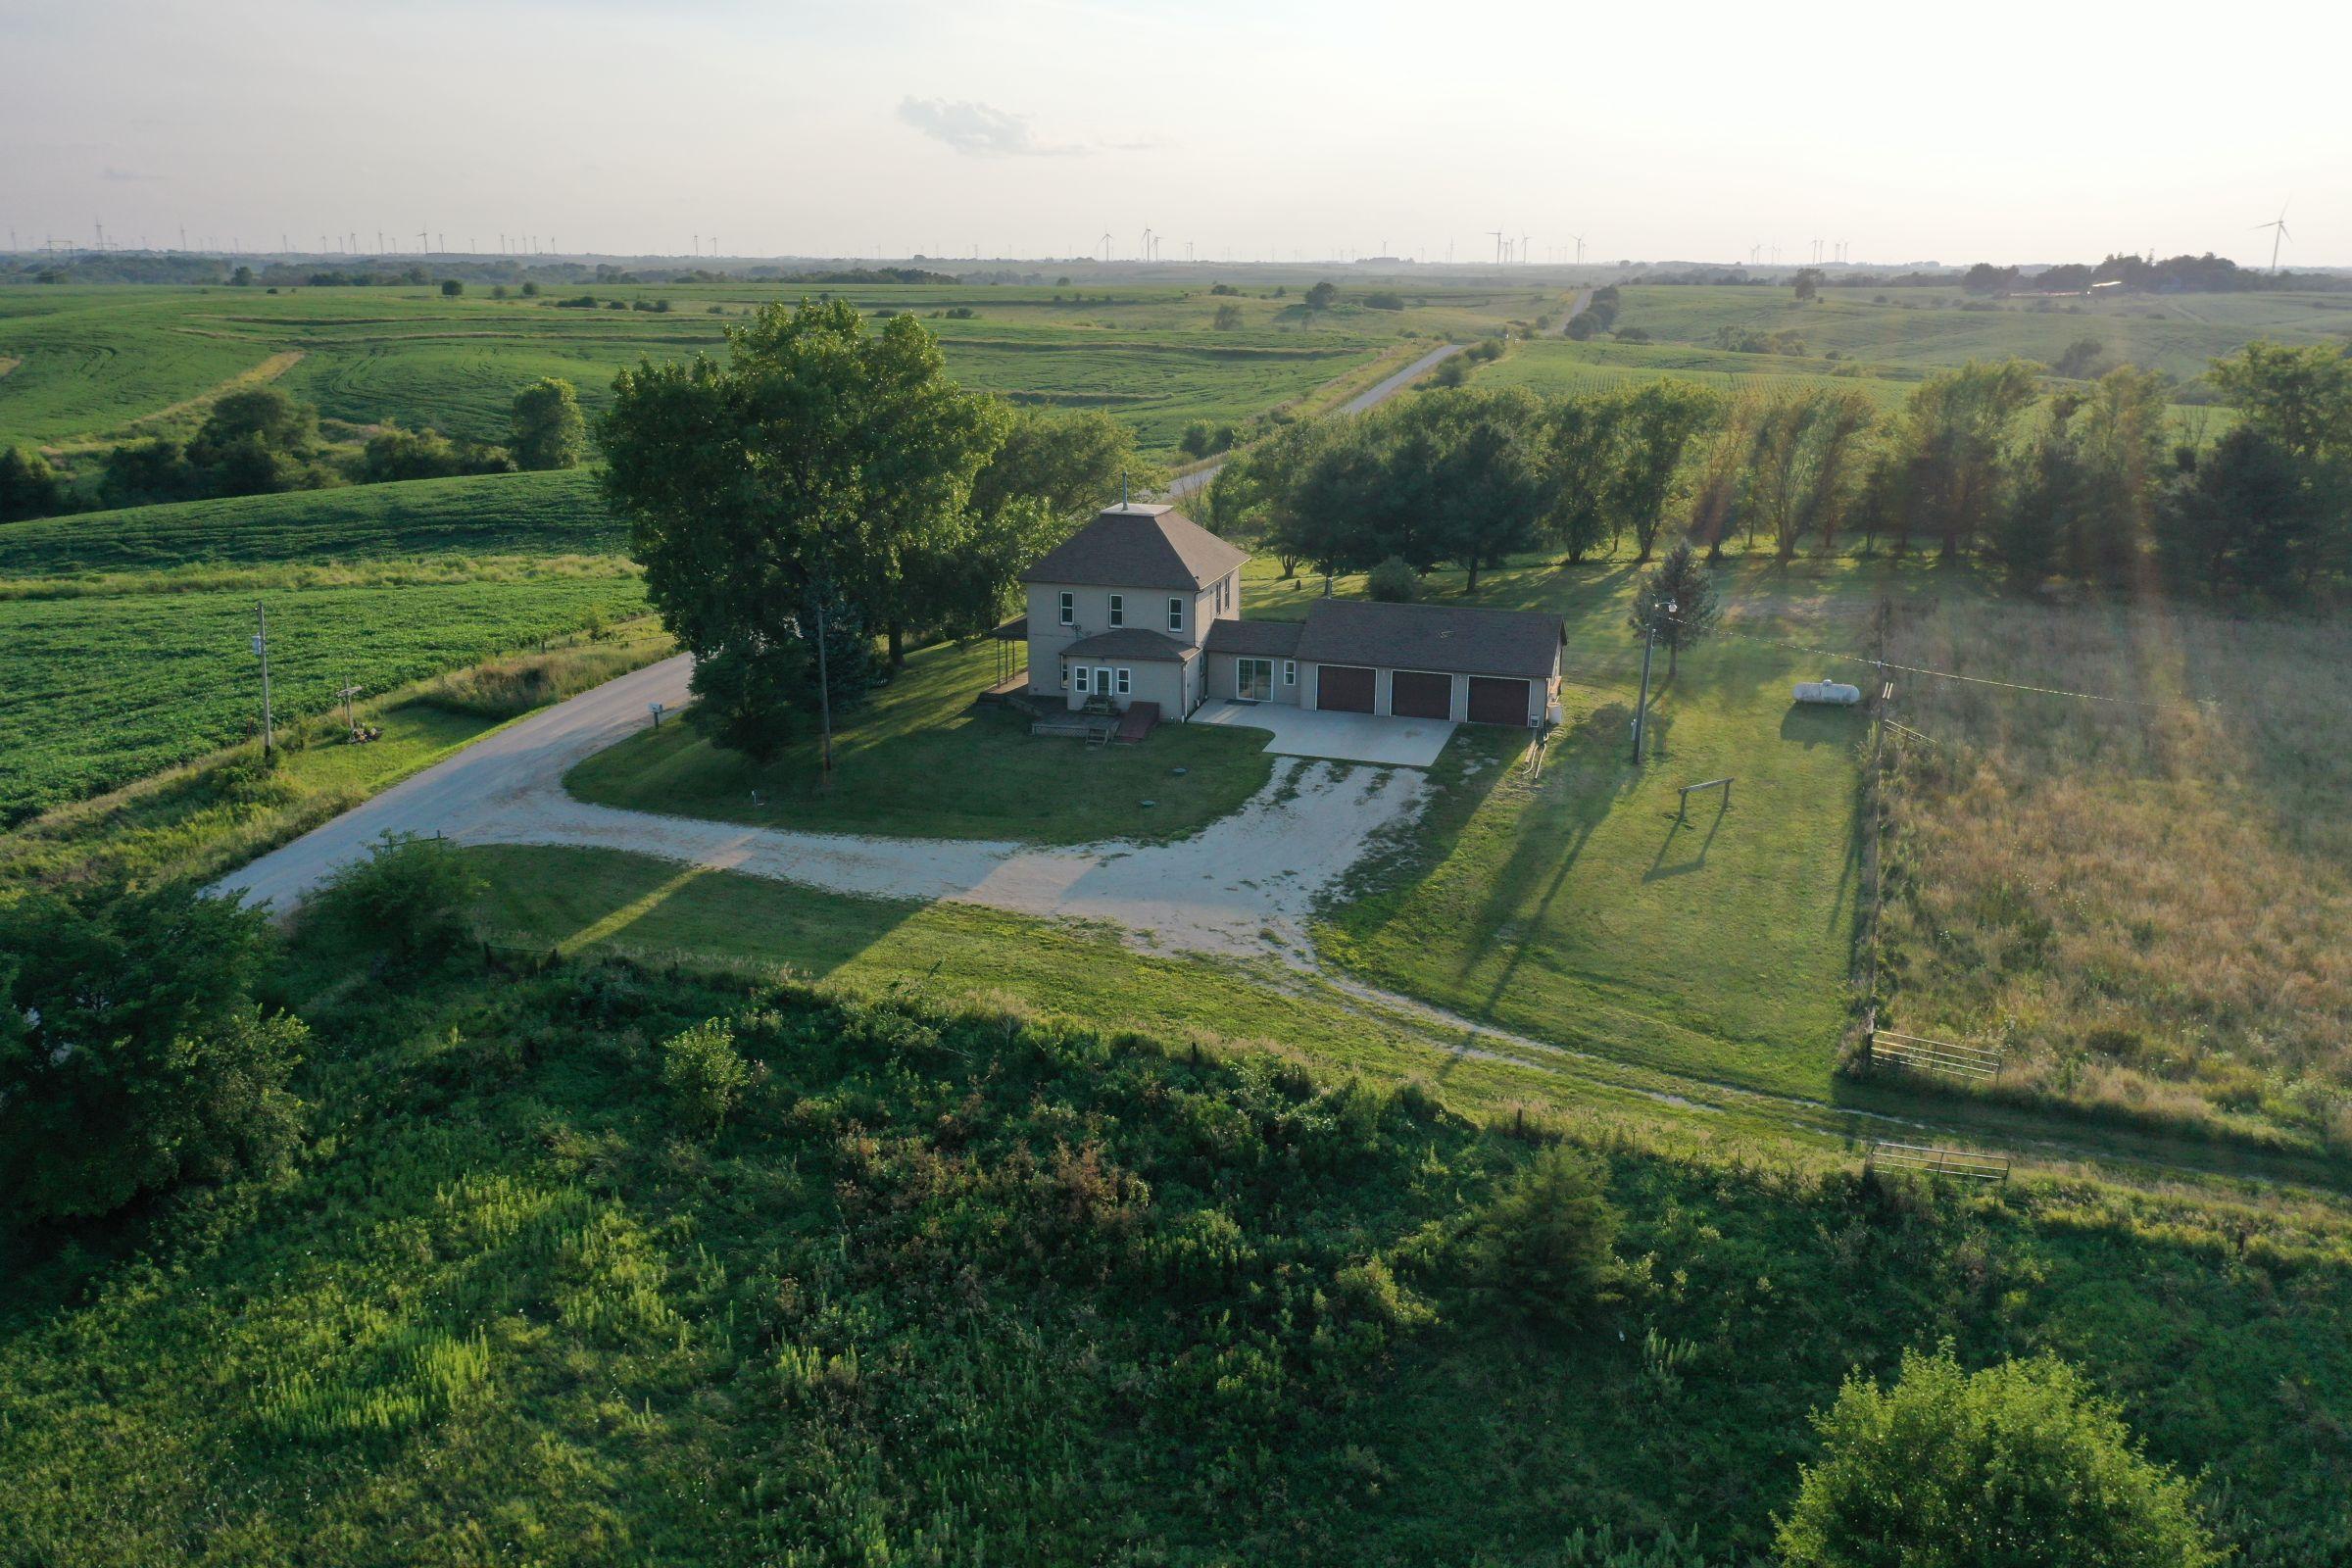 adair-county-iowa-6-acres-listing-number-15664-4-2021-08-04-193039.JPG